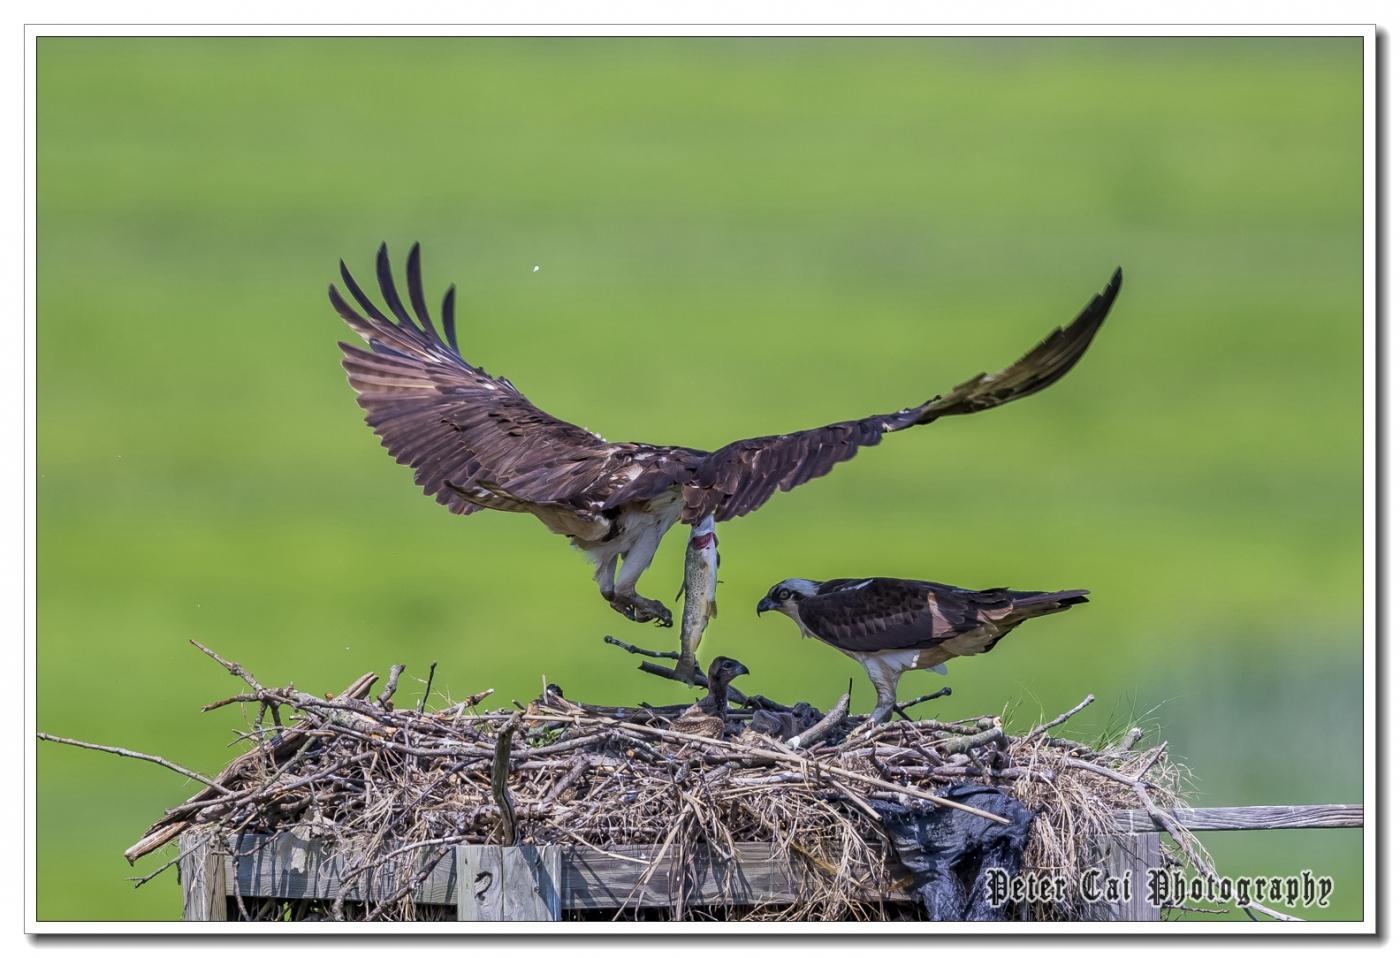 小鹰捕鱼哺育后代的精彩写照